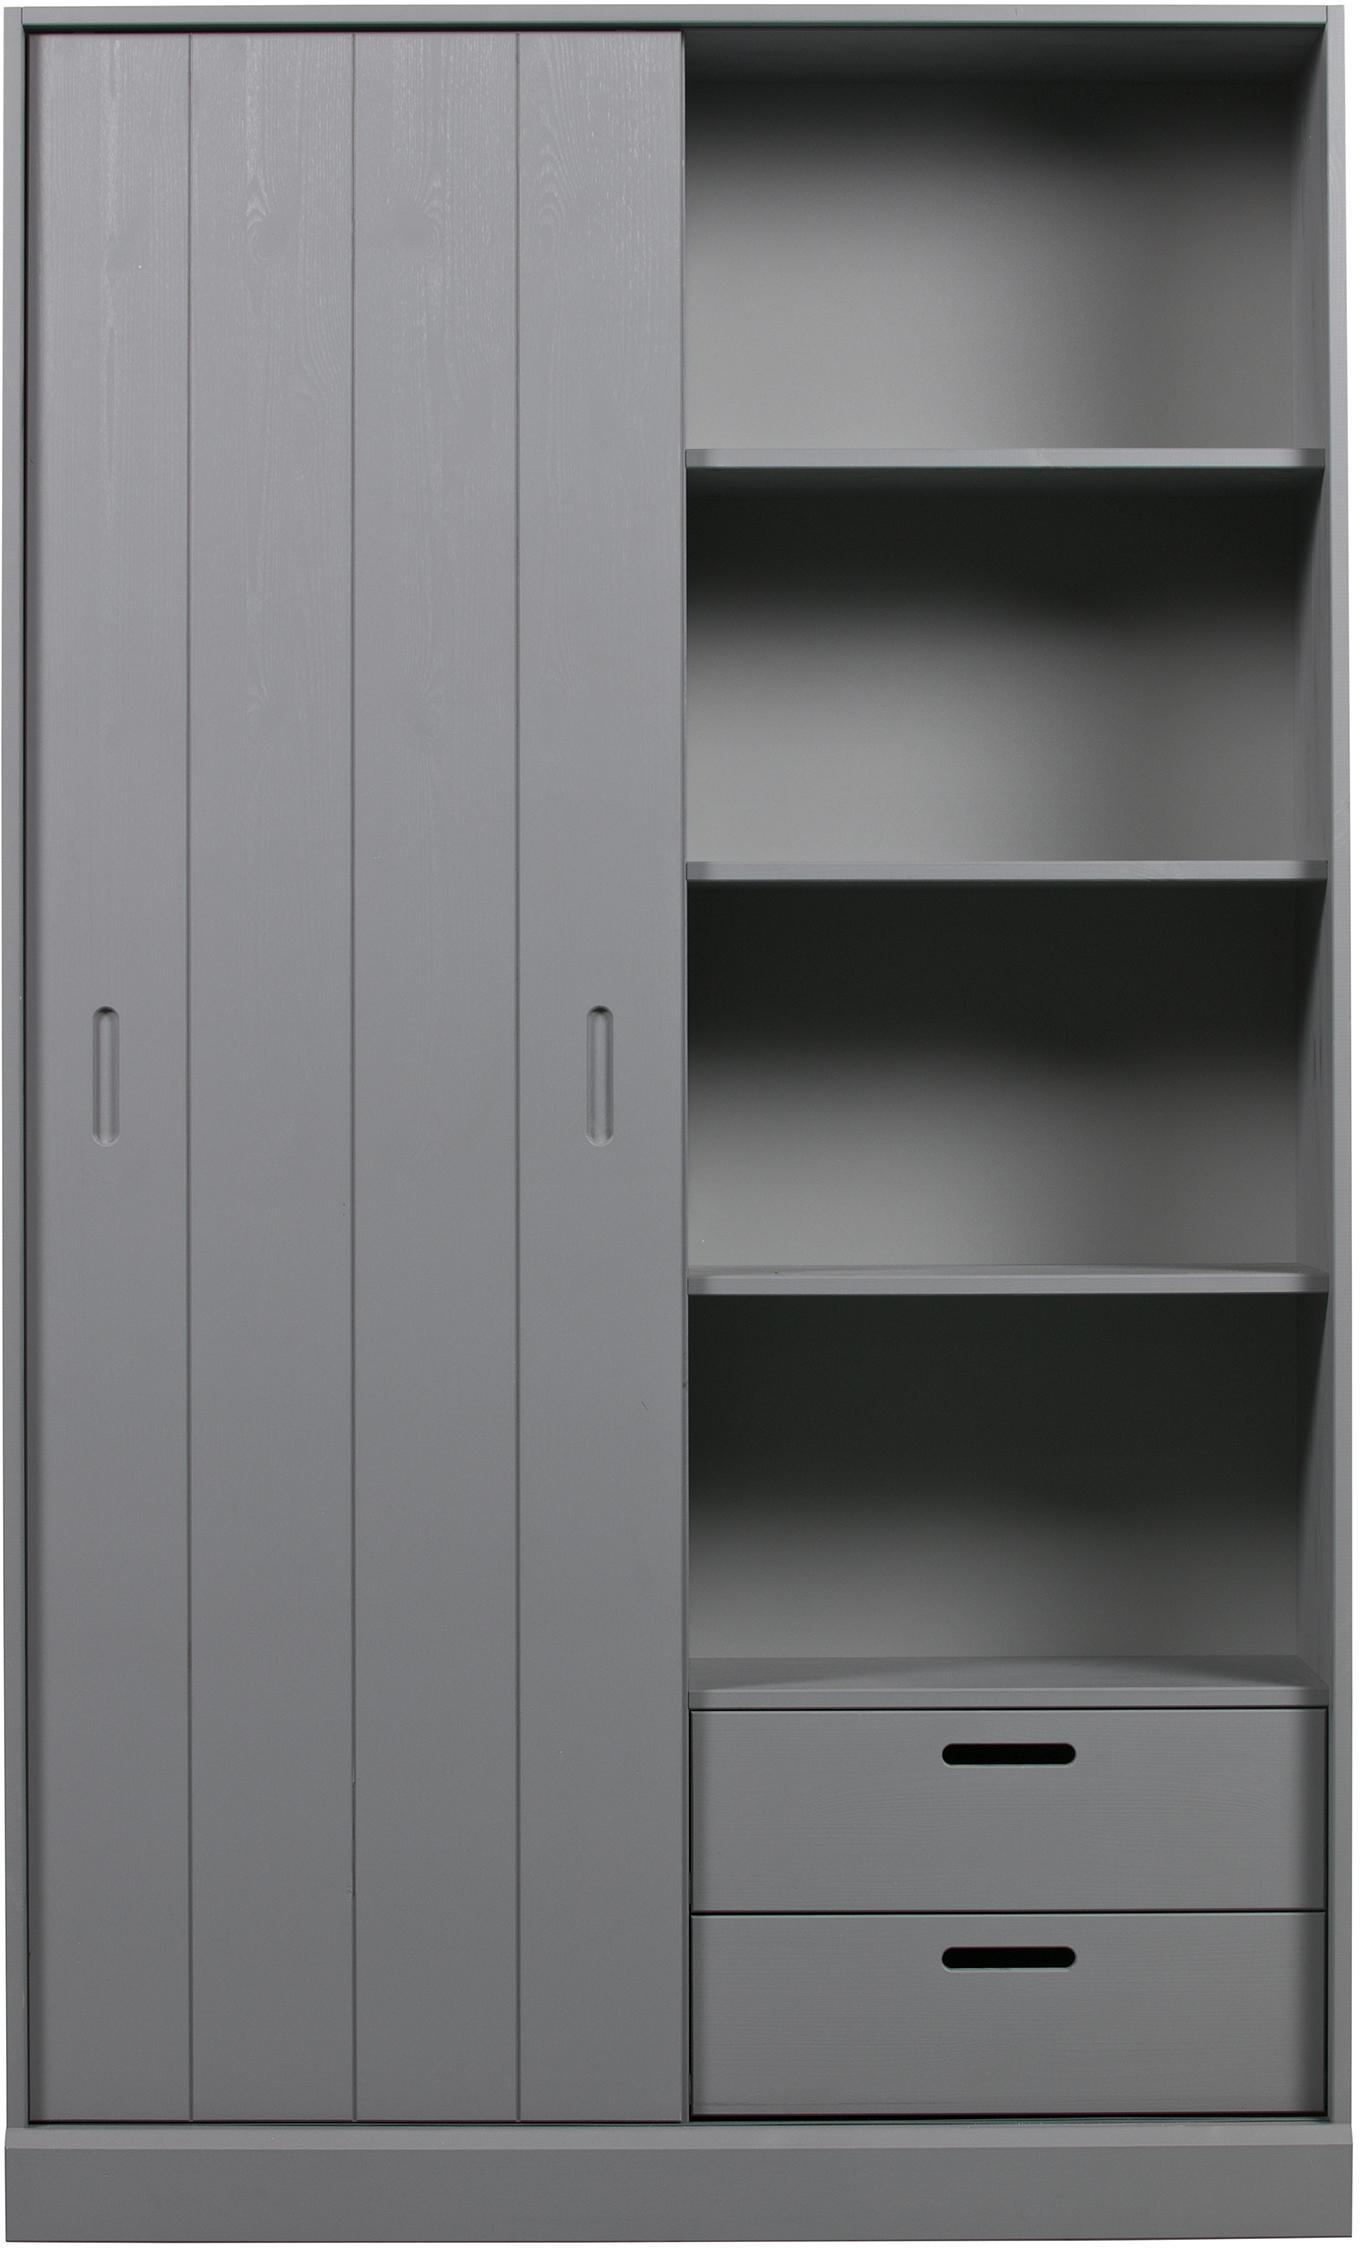 Libreria con anta scorrevole Move, Legno di pino, rivestito, Grigio, Larg. 120 x Alt. 200 cm